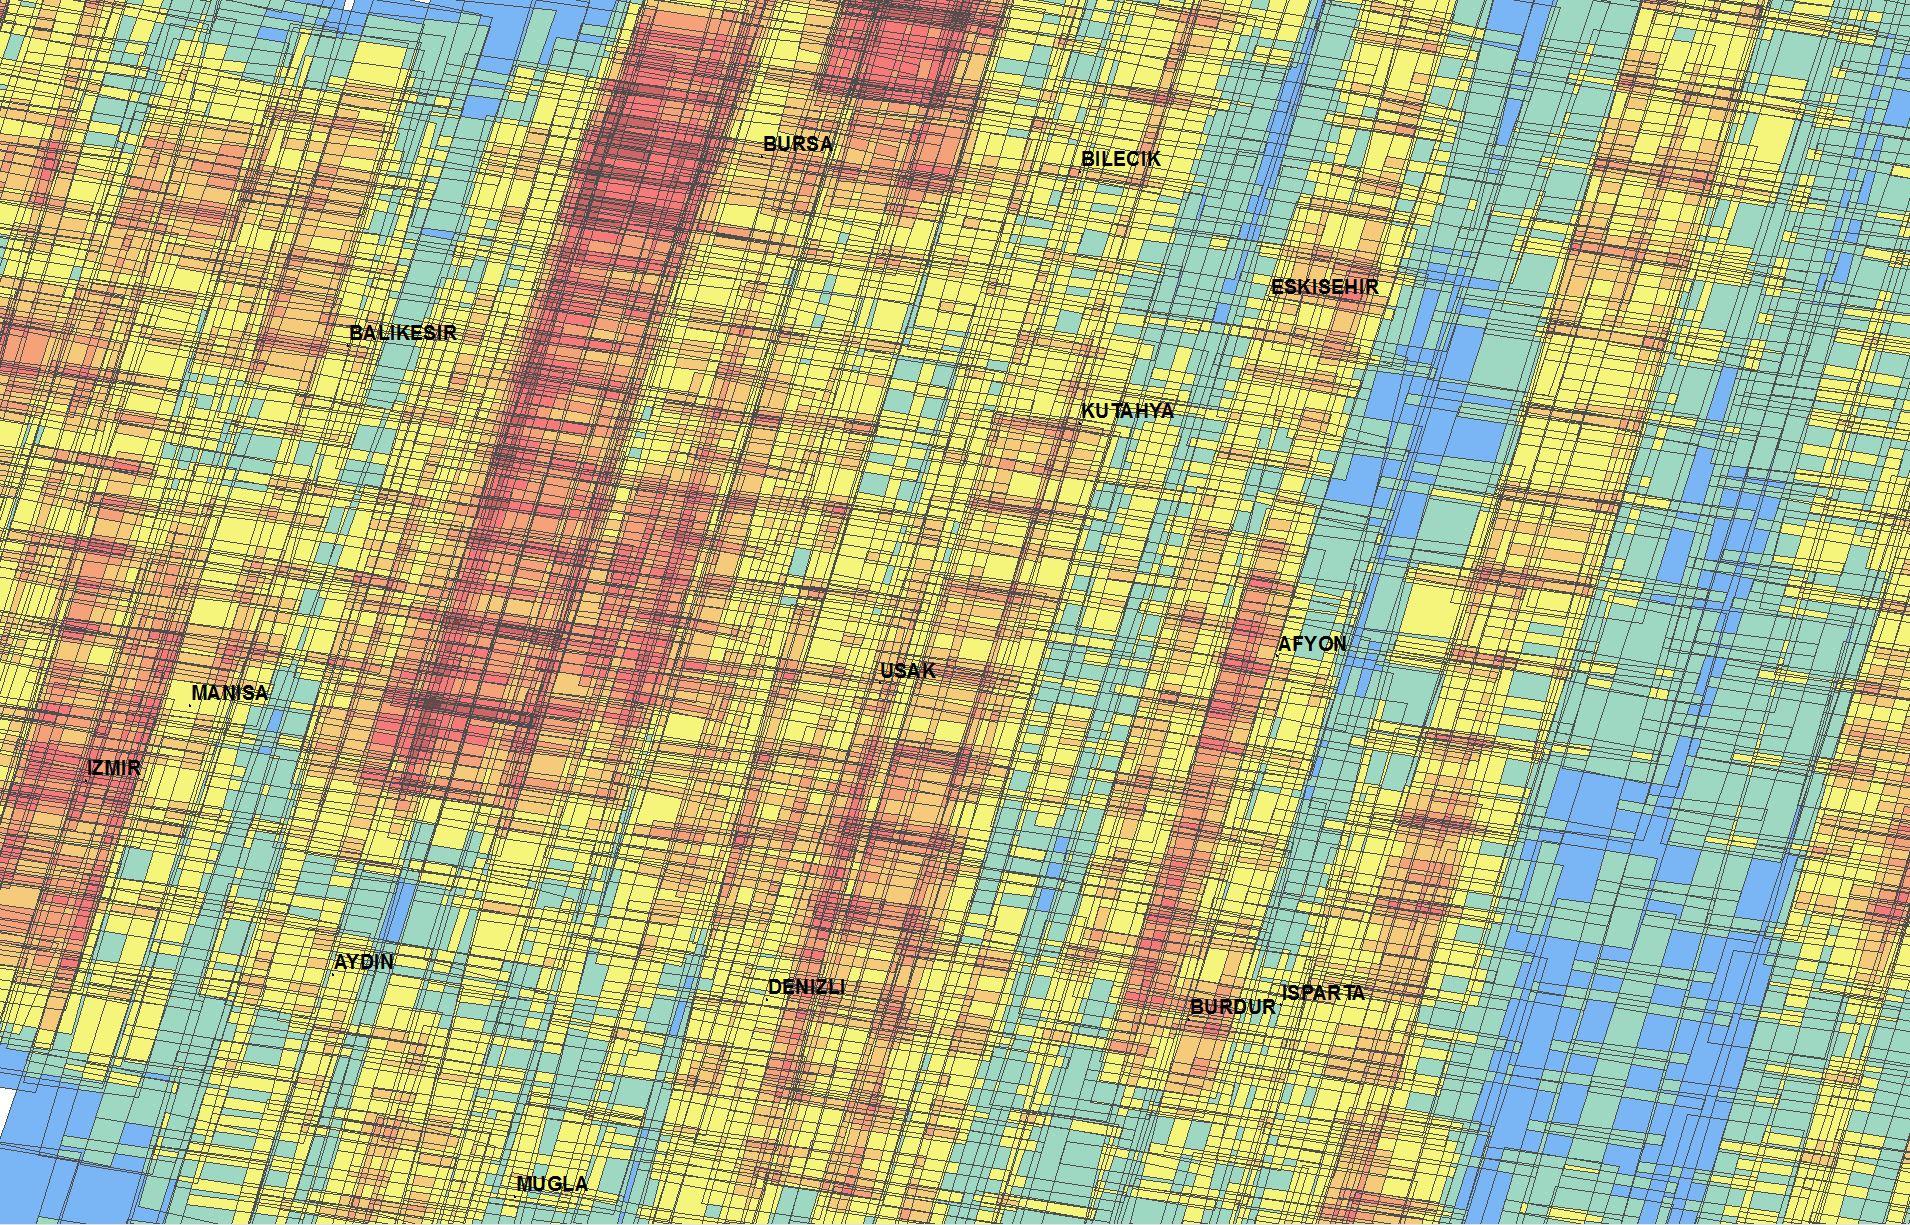 RASAT Görüntü Çekim Sıklığı Haritası